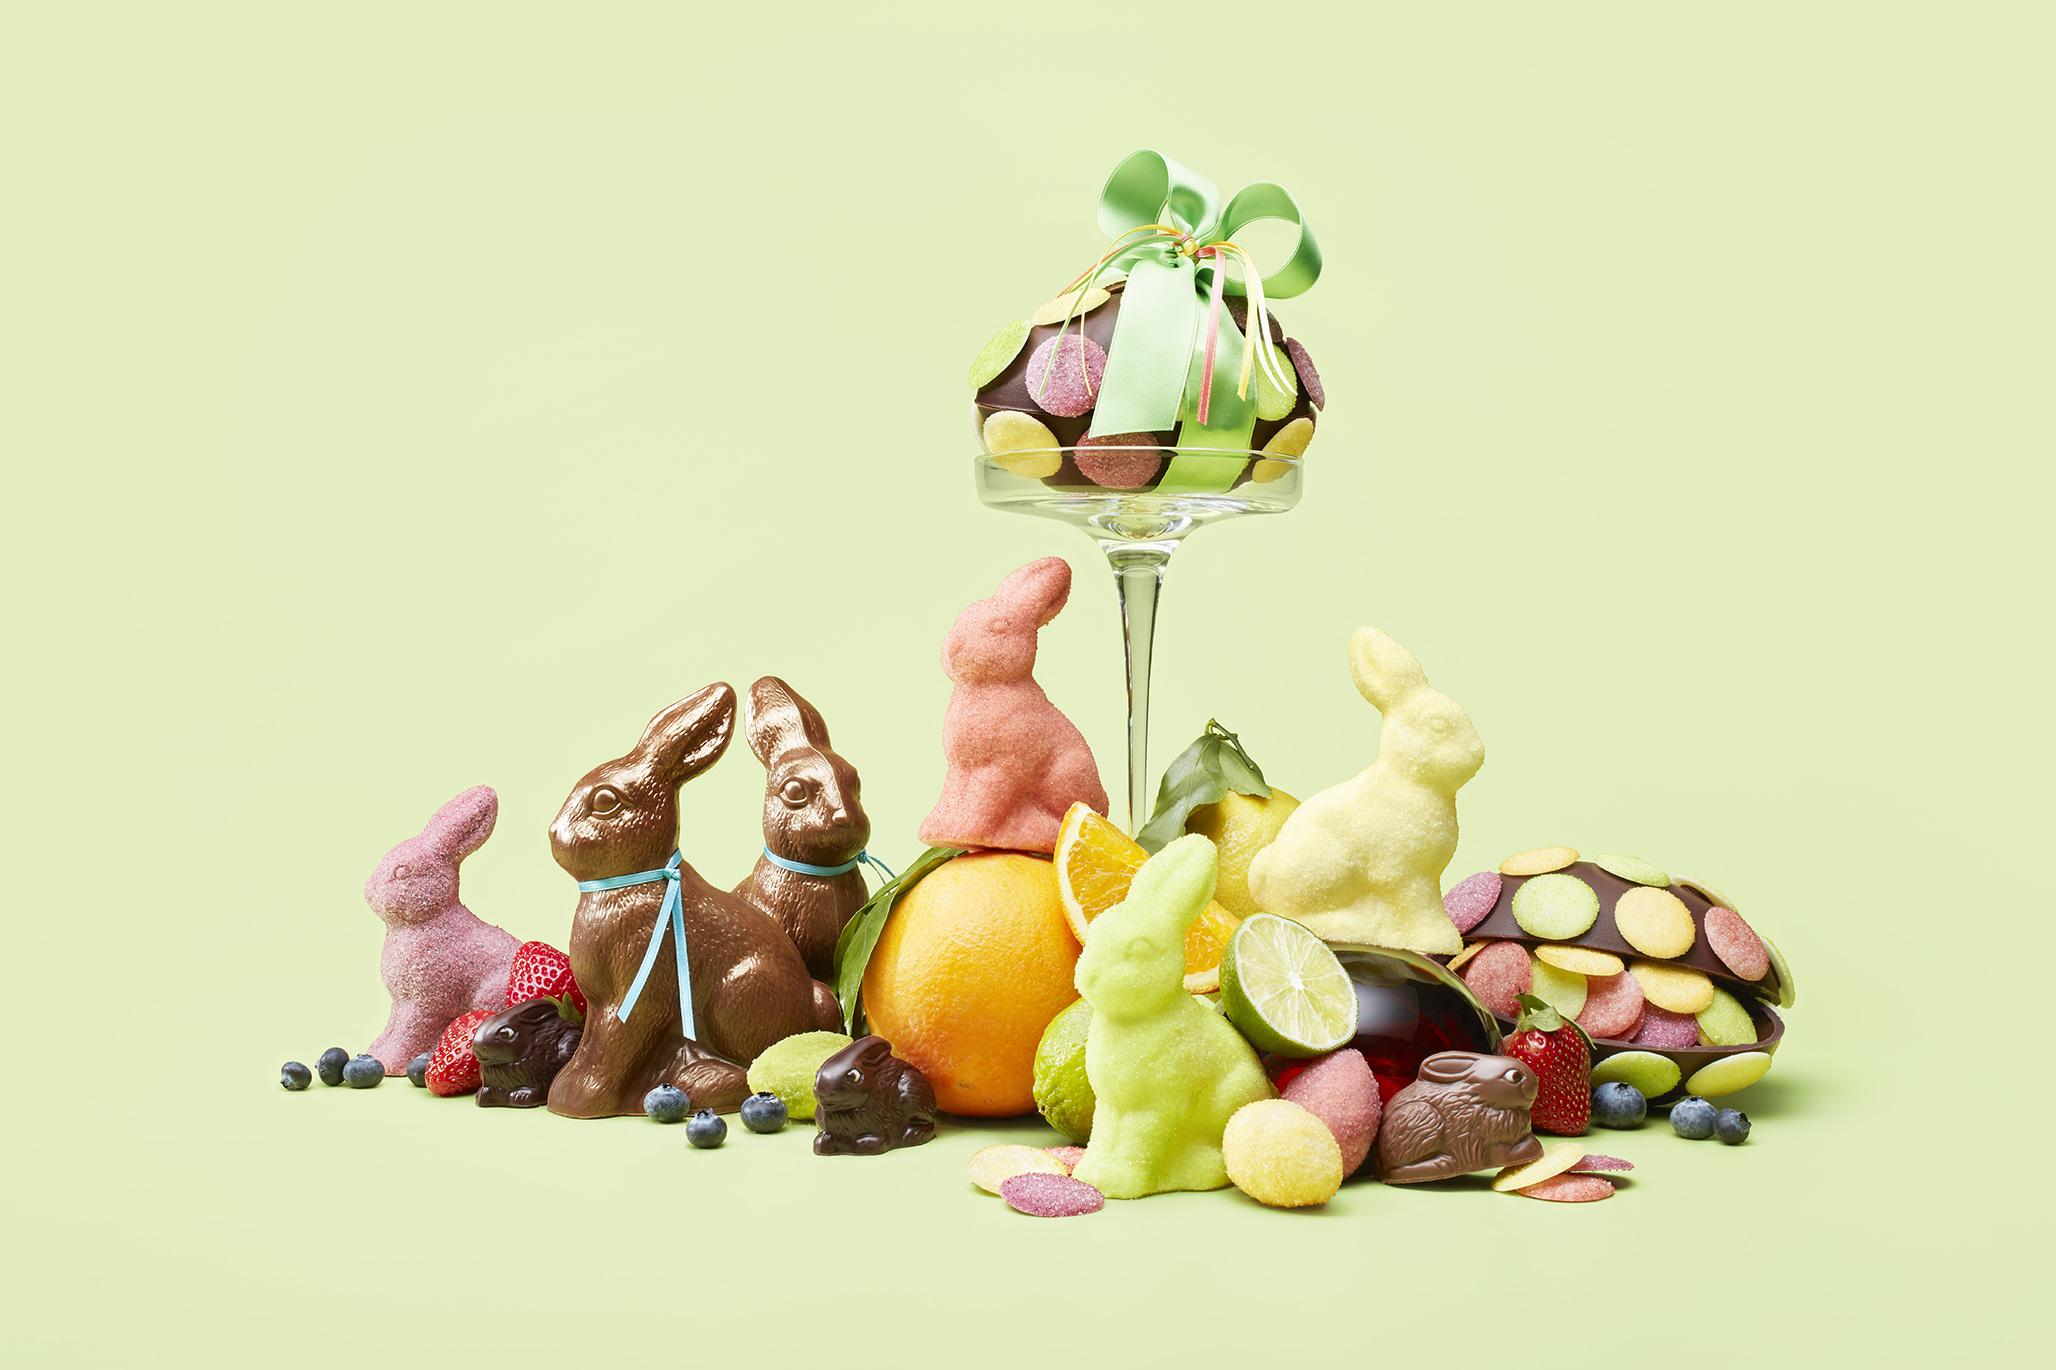 fruchtige Osterhasen und Ostereier von Honold